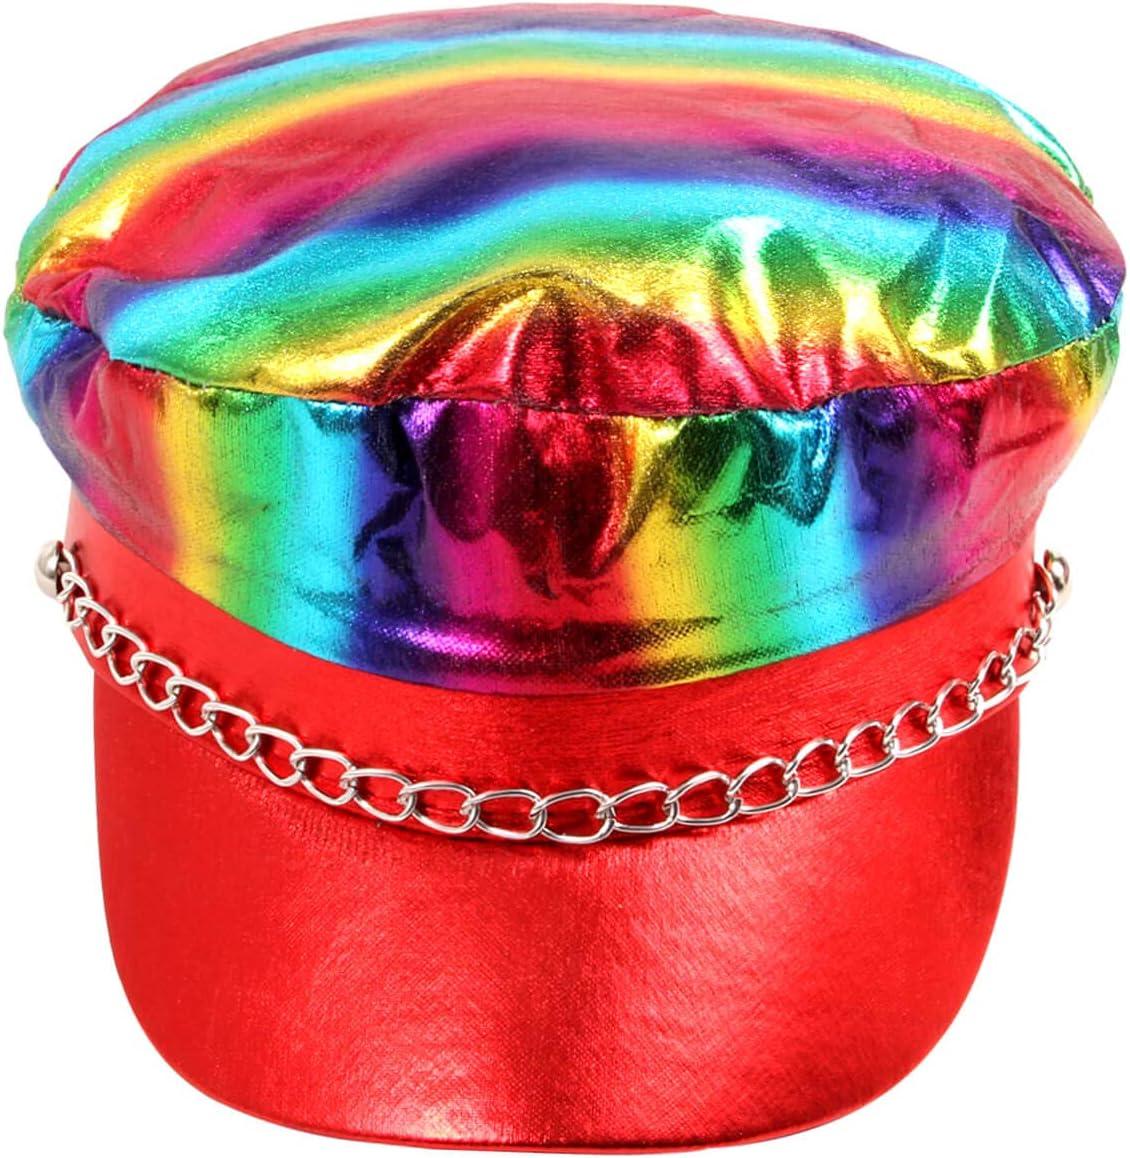 Cappello Arcobaleno Multicolore con Visiera Stile Rockstar con Catena per Costume Travestimento Halloween Carnevale Festa a Tema LGBT per Adulti Uomo Donna KH-310